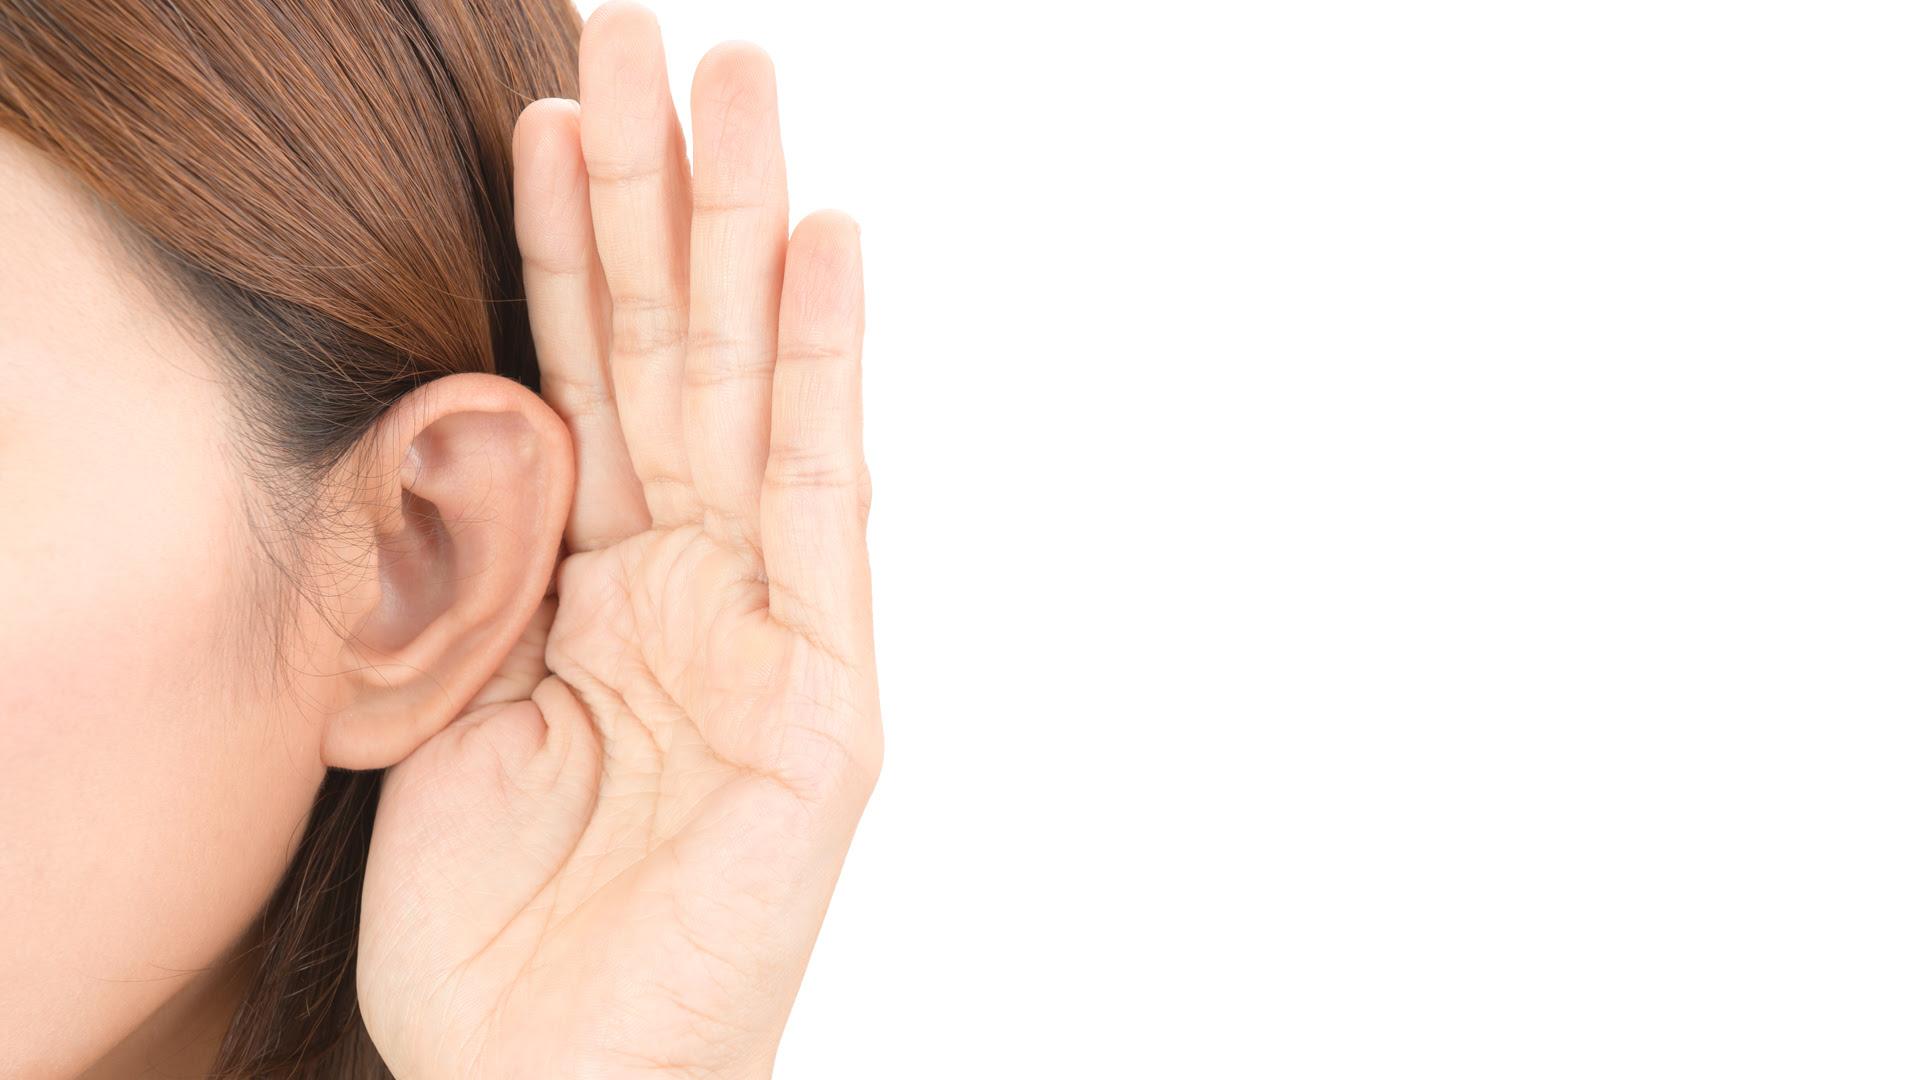 ss-listen-ear-hand